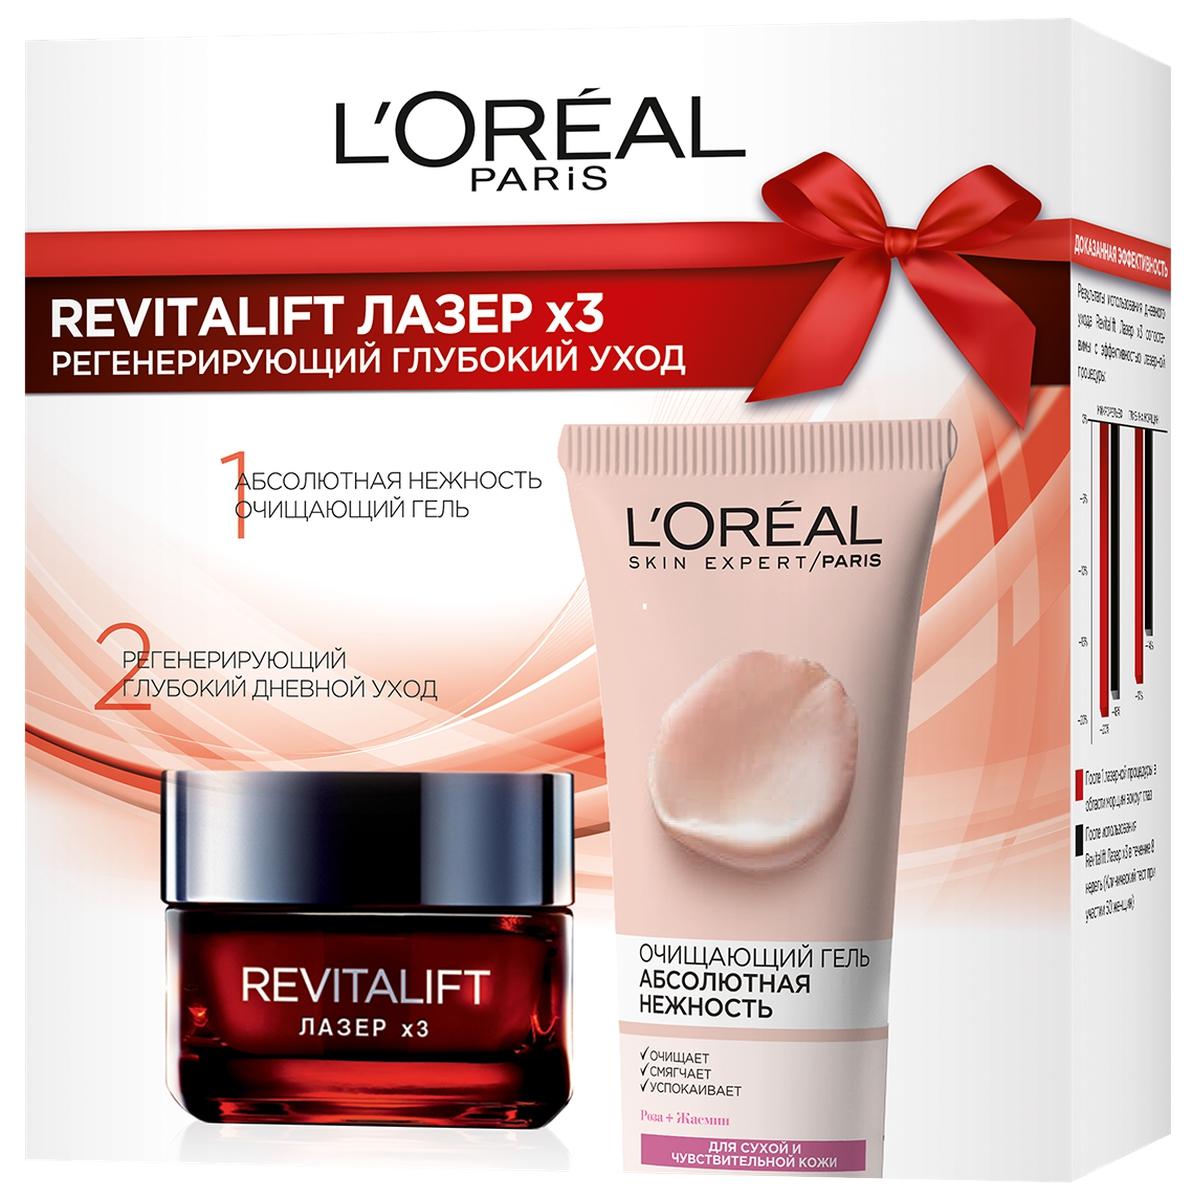 """L'Oreal Paris Подарочный набор: Дневной крем для лица """"Ревиталифт Лазер"""", 50 мл + Гель для умывания """"Абсолютная Нежность"""", для сухой и чувствительной кожи, 150 мл (-50%)"""